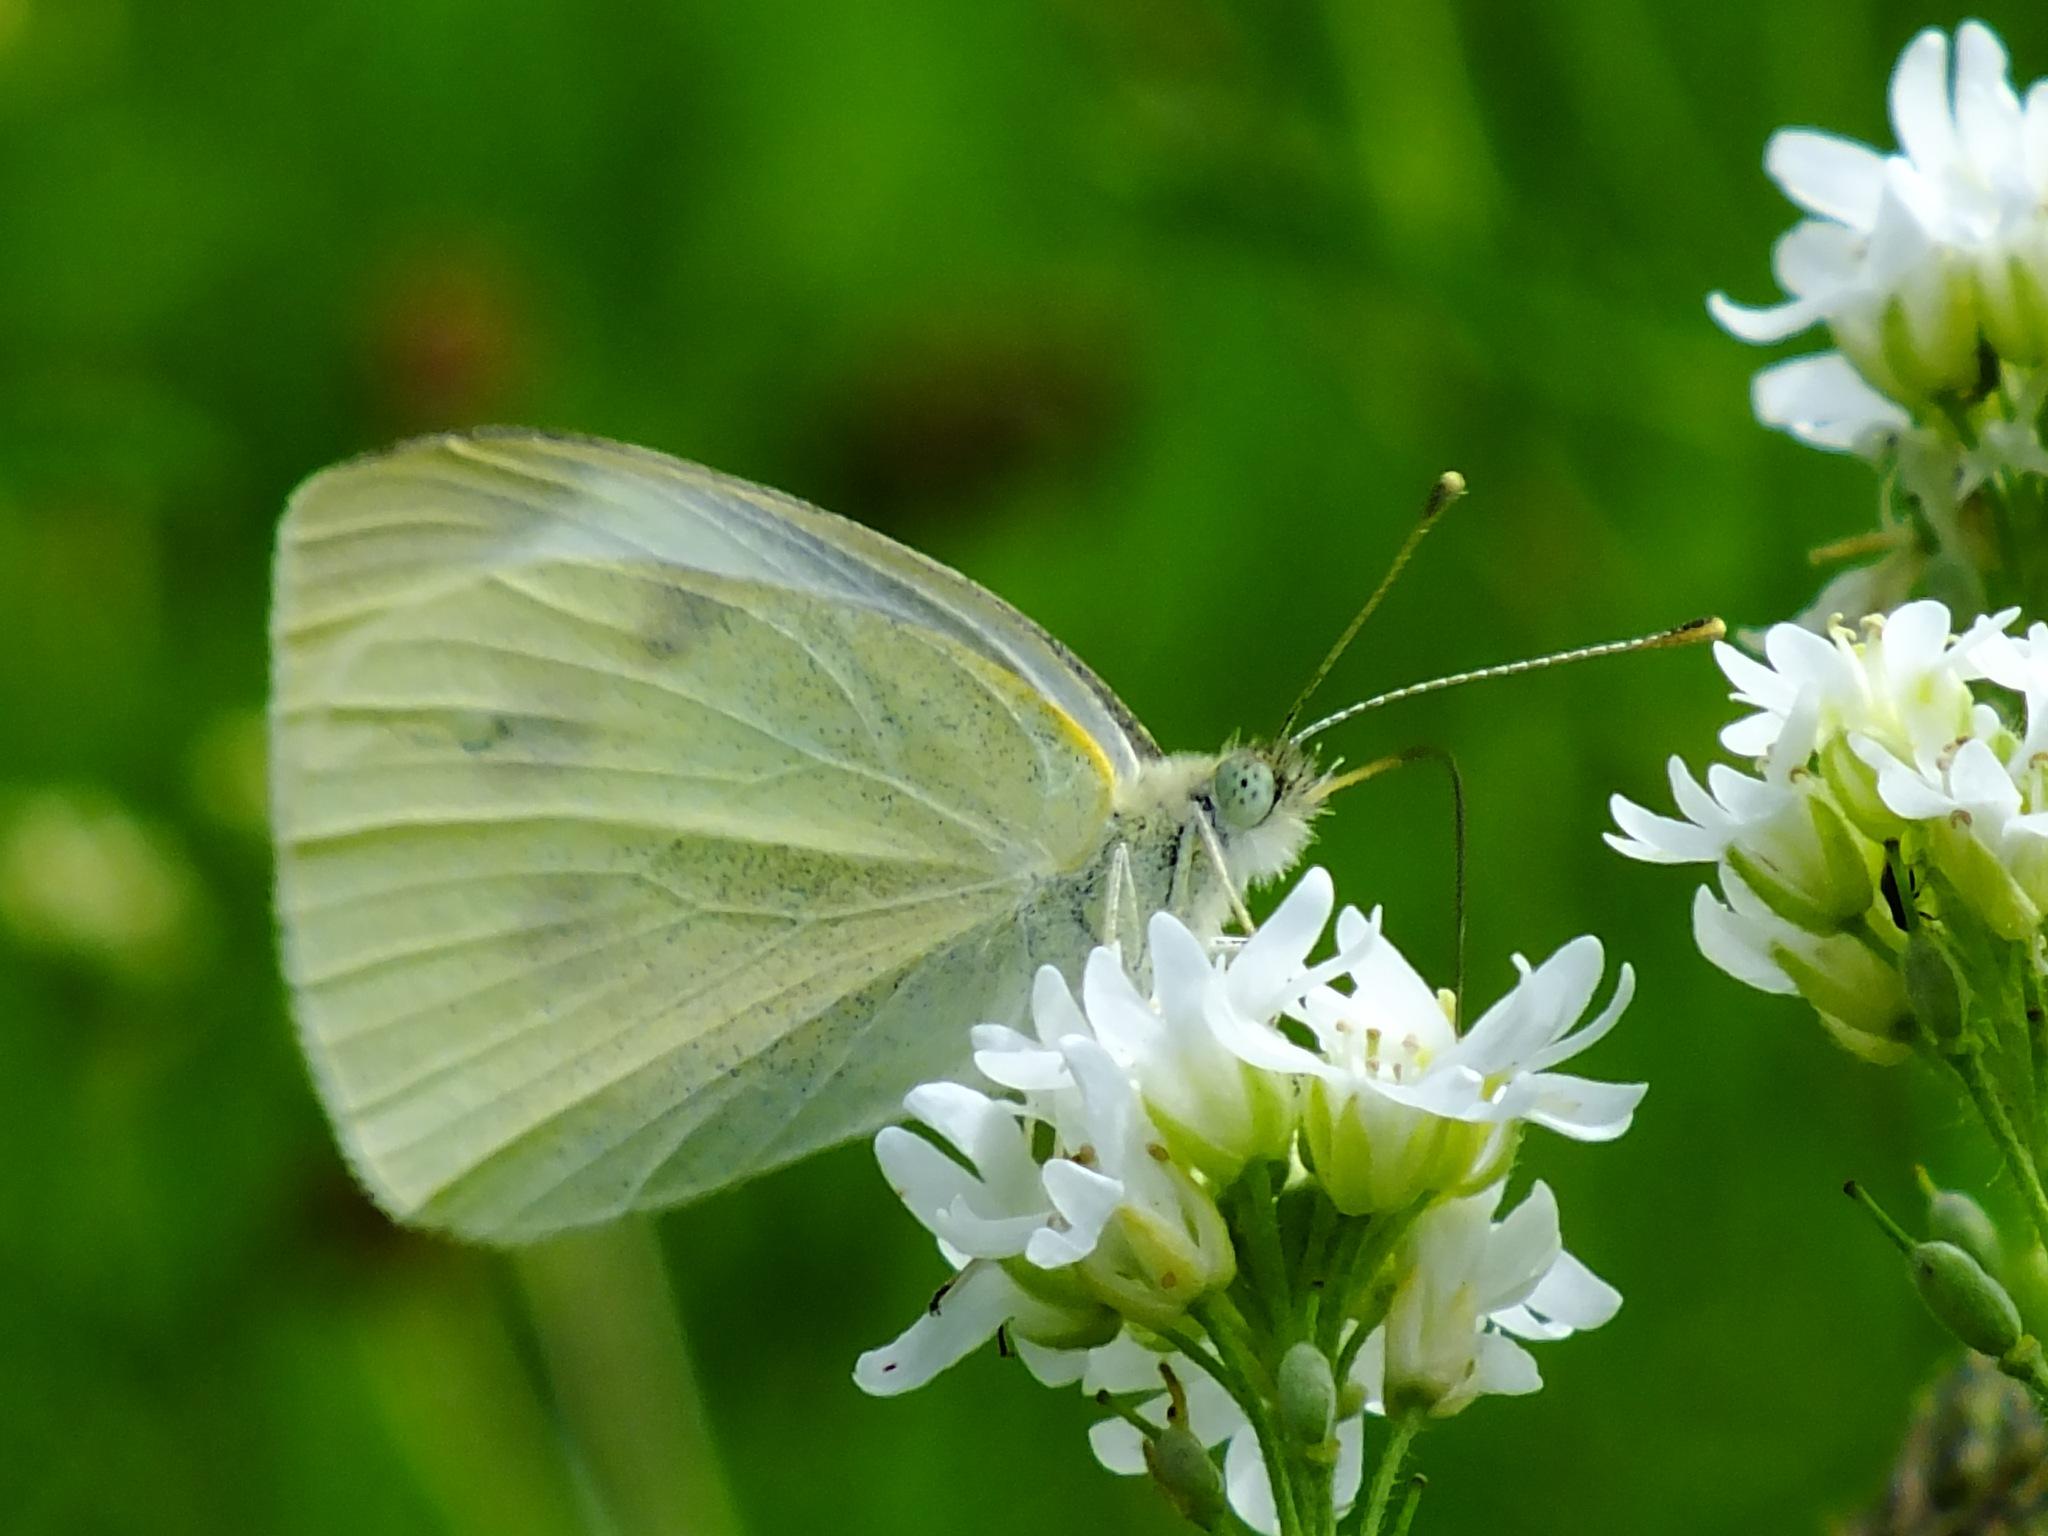 Green & White by jon.rambo.37819